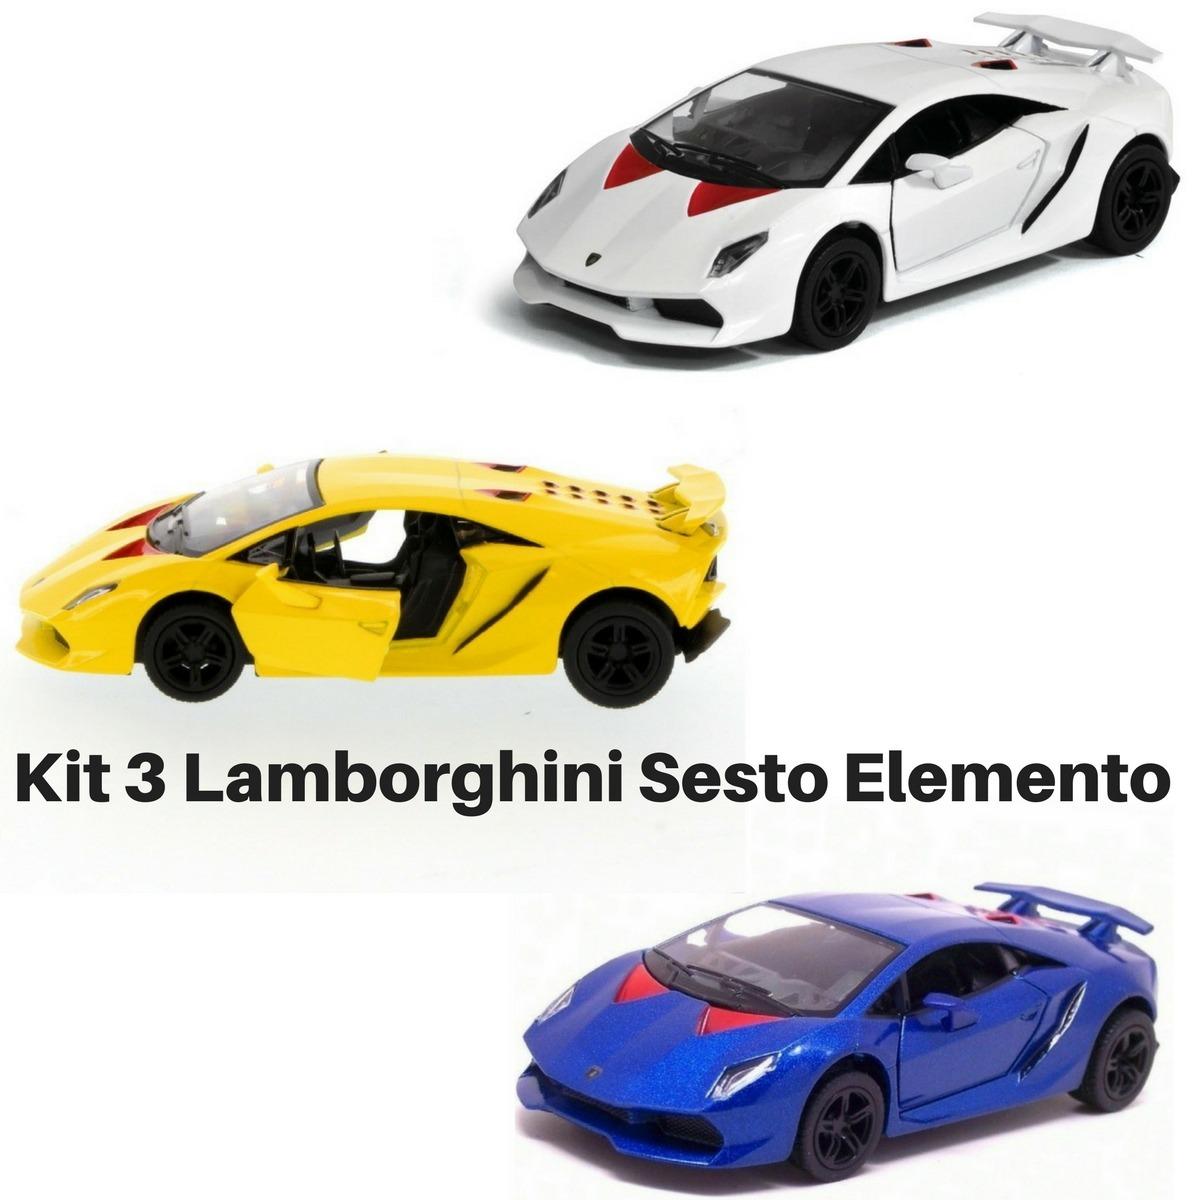 Promocao 3 Miniatura De Colecao Lamborghini Sesto Elemento R 51